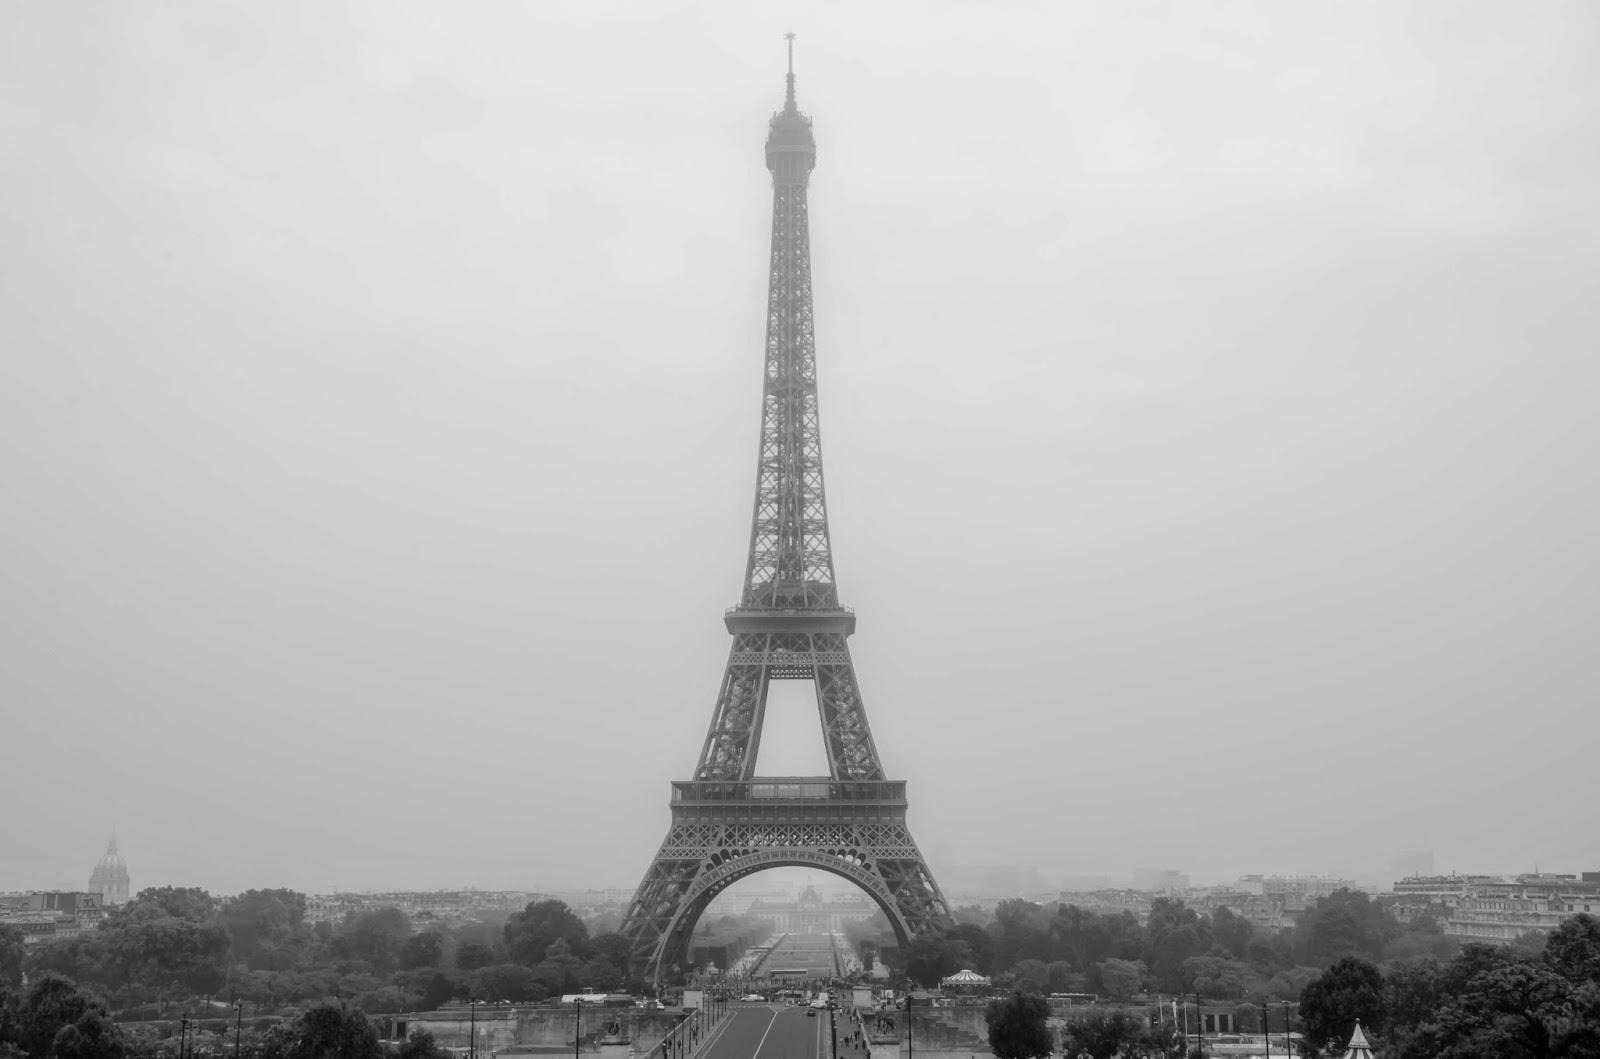 Fotografia da Torre Eiffel em dia Nublado em Preto e branco